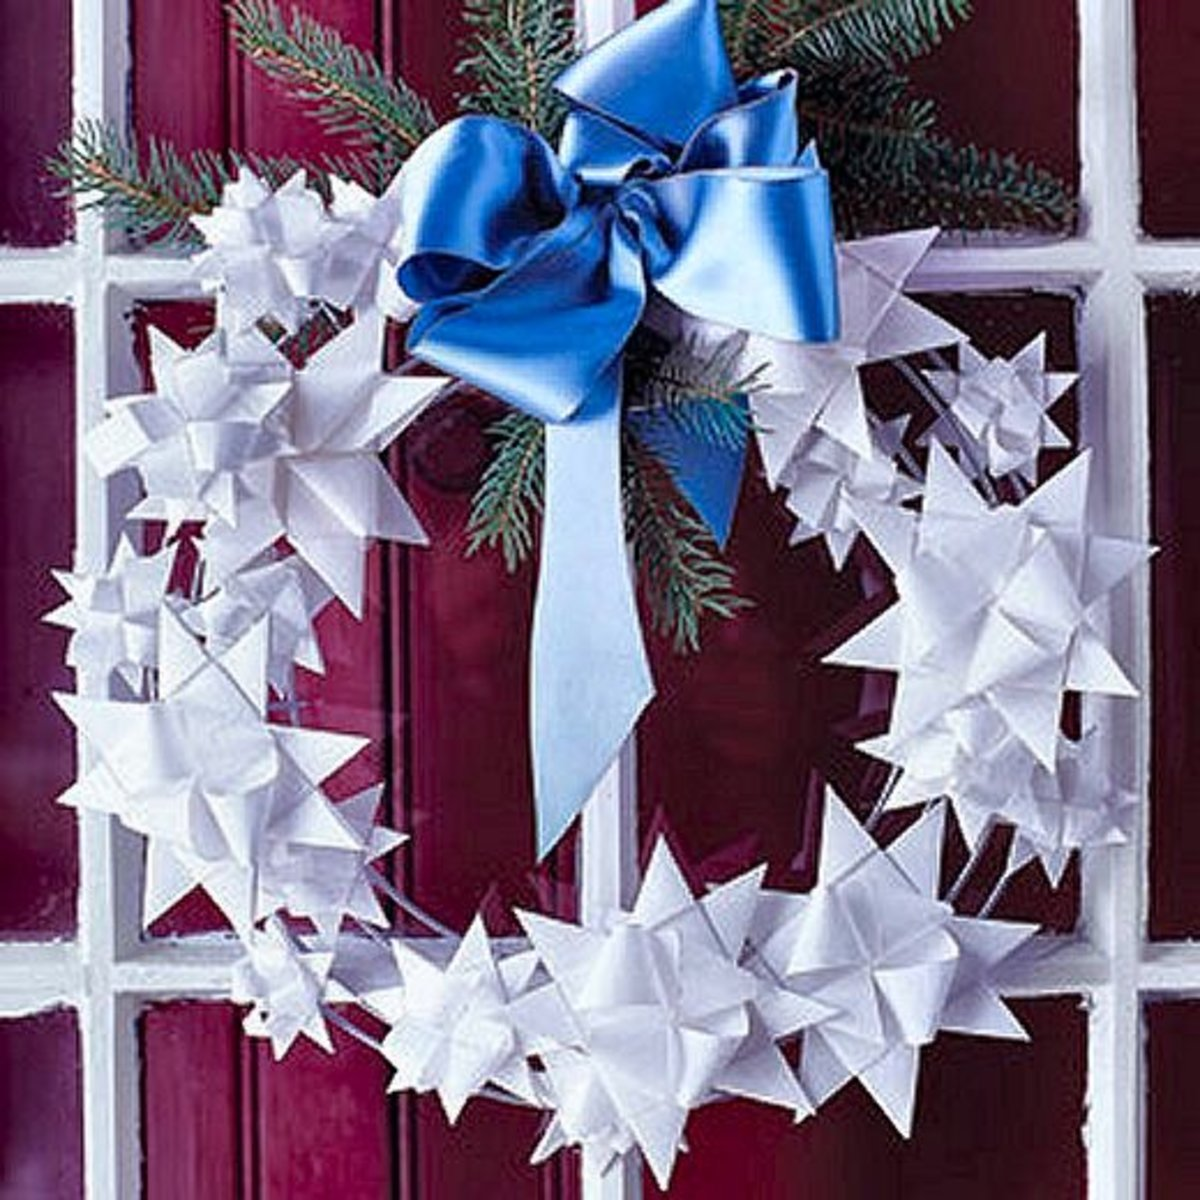 Origami star Christmas wreath.